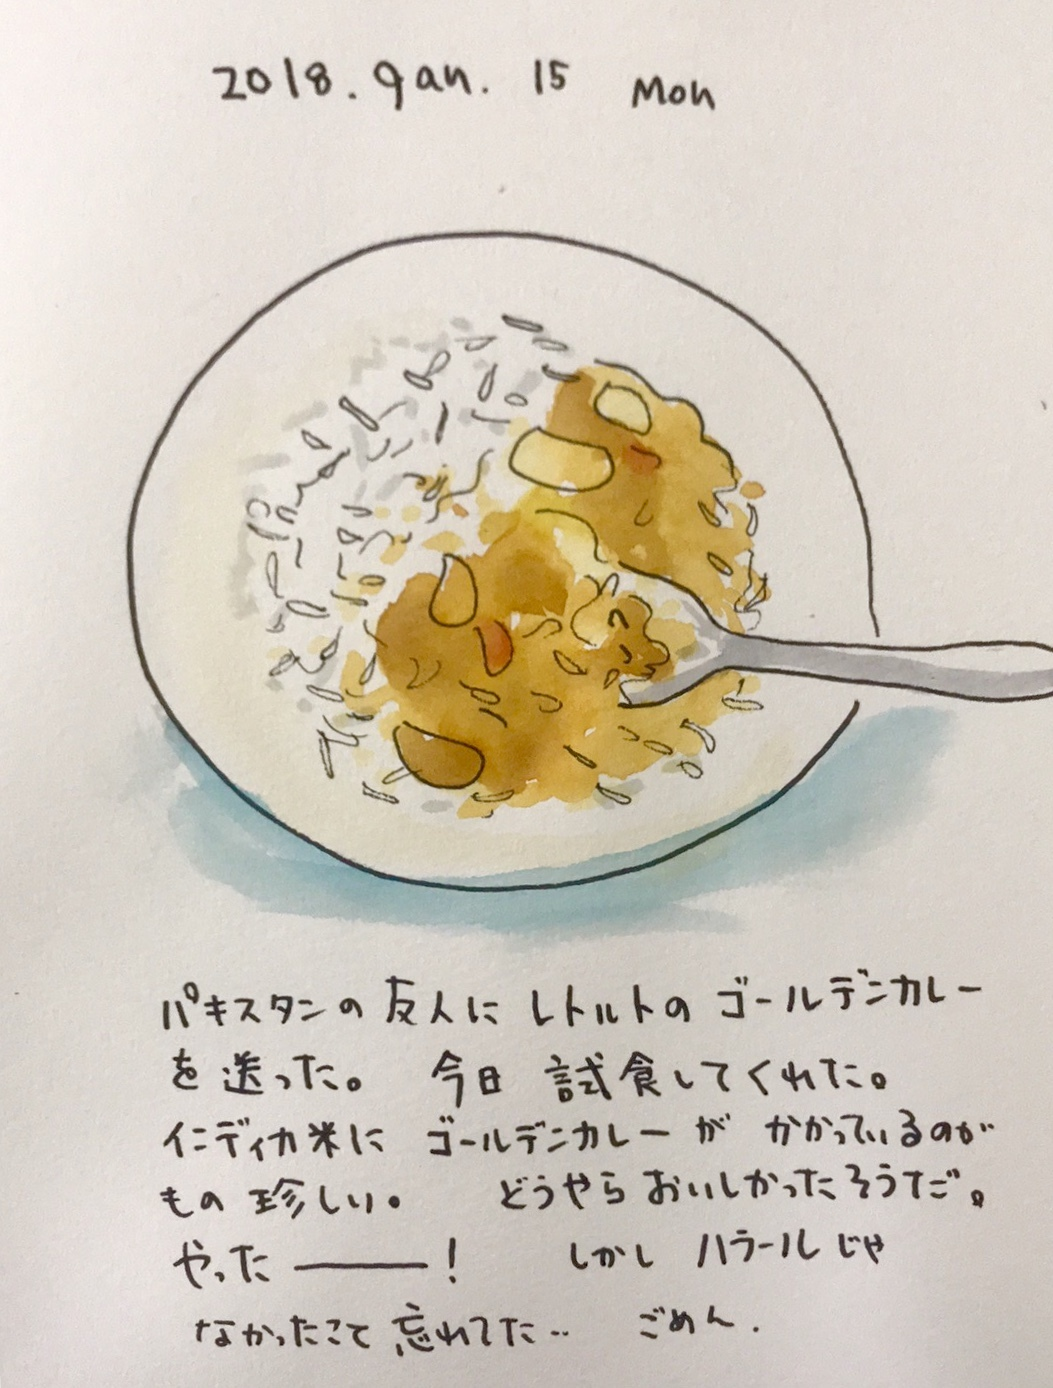 カレーの王国に日本製カレーを送った_f0072976_00434574.jpeg